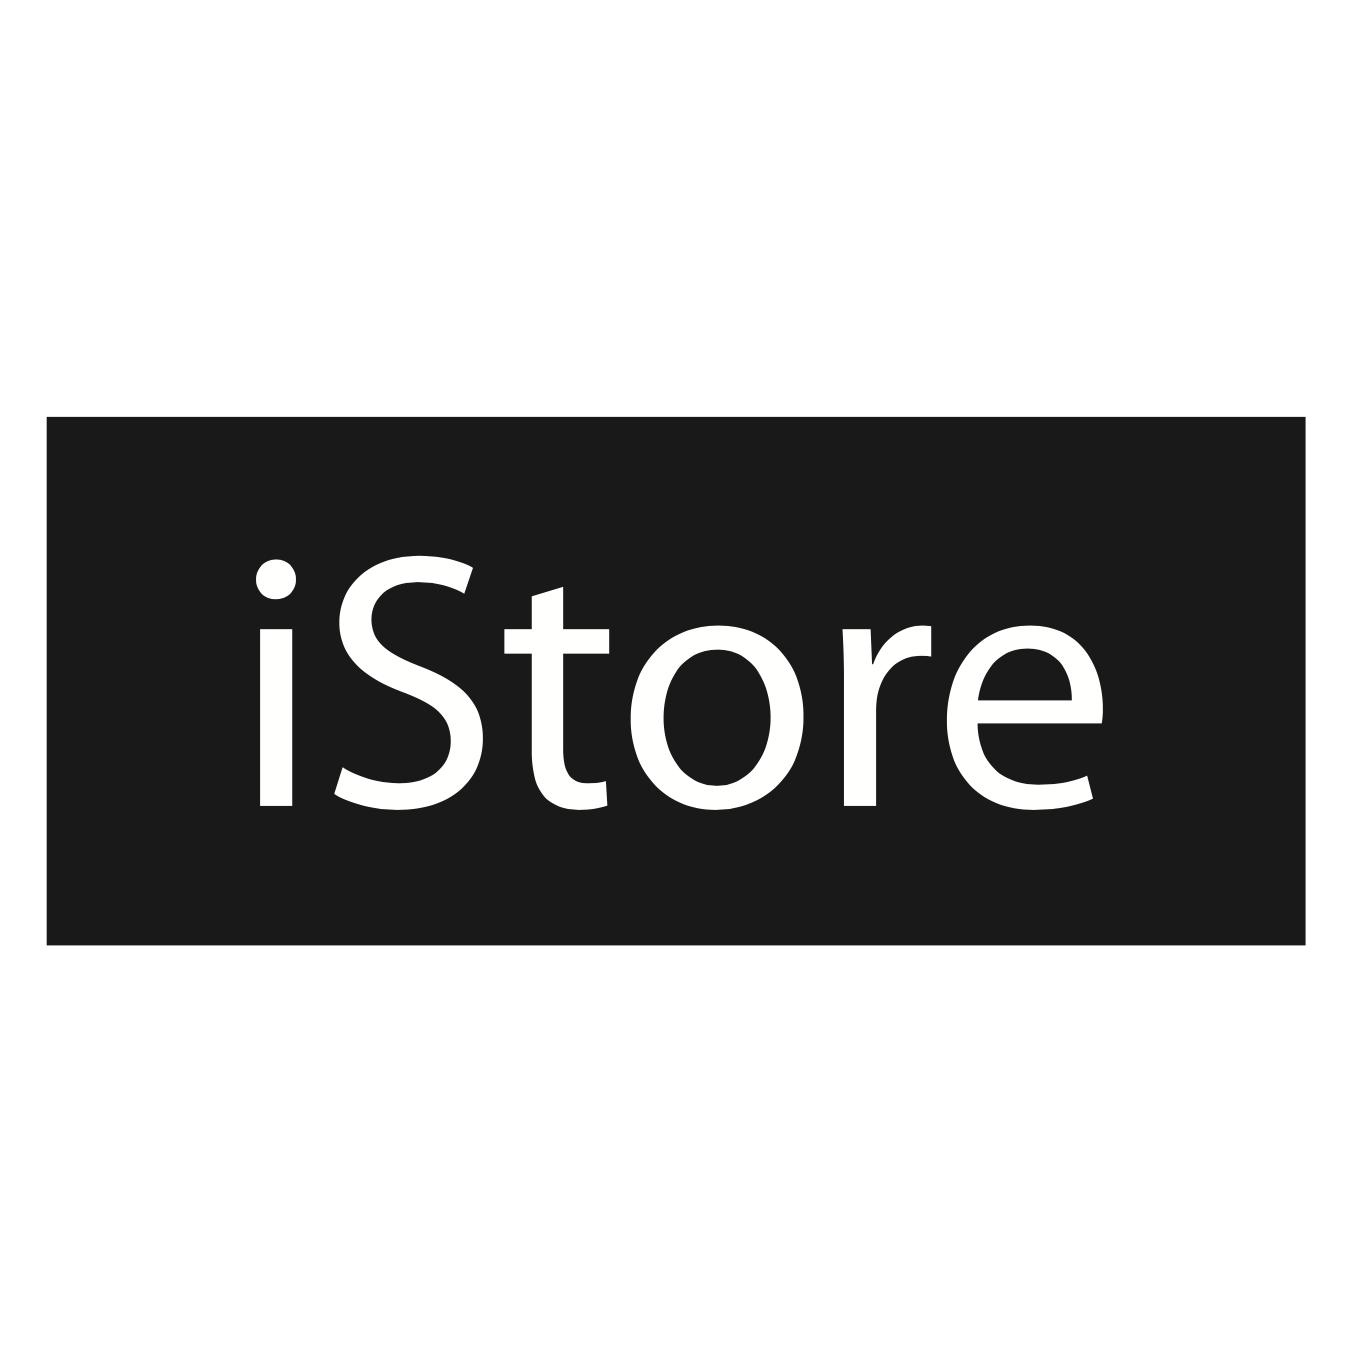 OtterBox Symmetry Case for iPhone 8 Plus / 7 Plus - Black